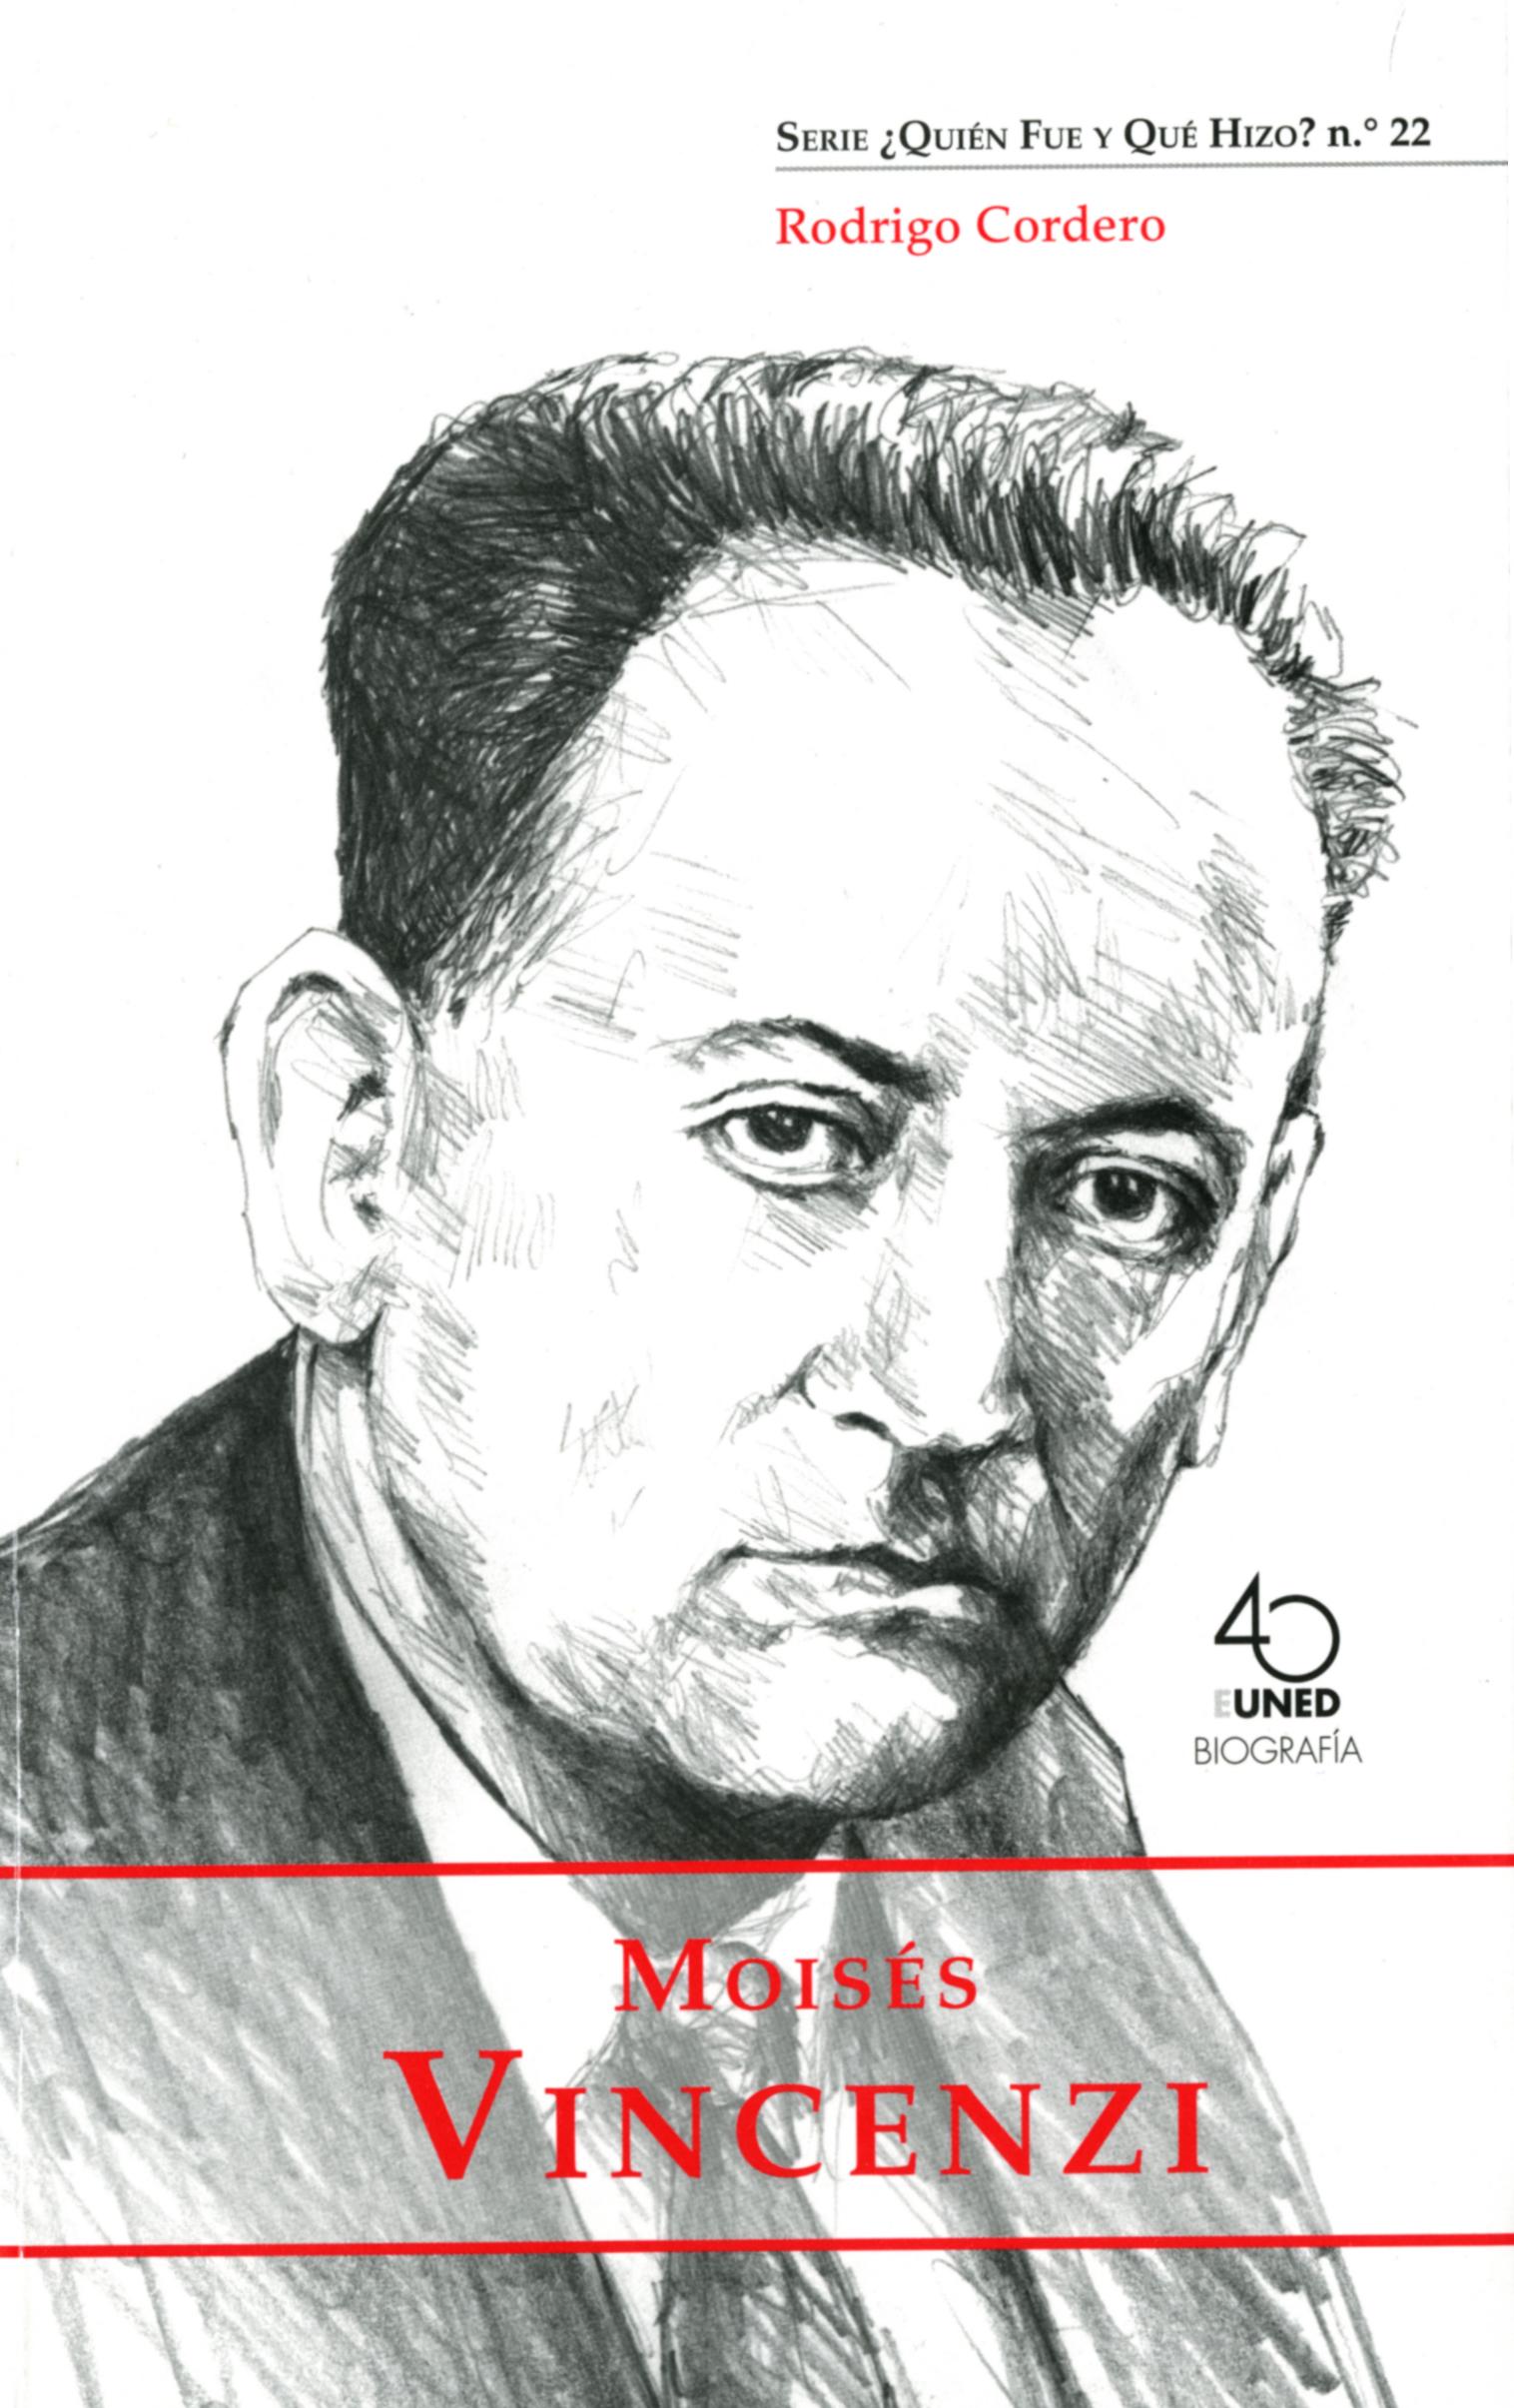 Moisés Vincenzi